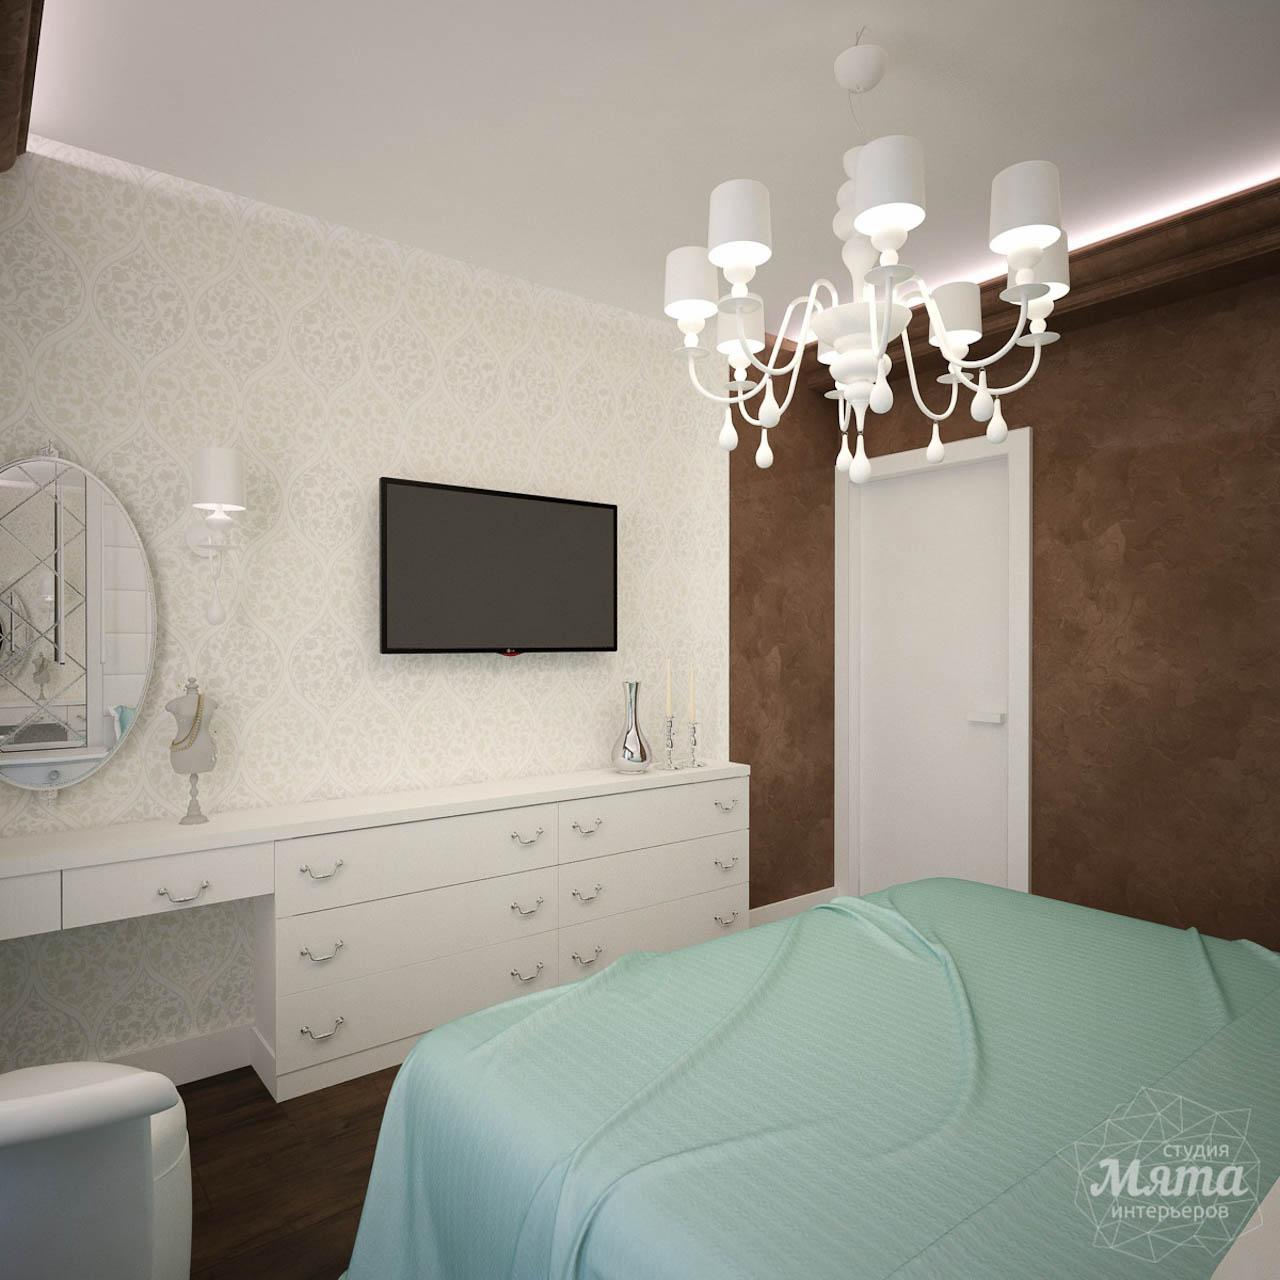 Дизайн интерьера четырехкомнатной квартиры по ул. Шевченко 18 img60987911